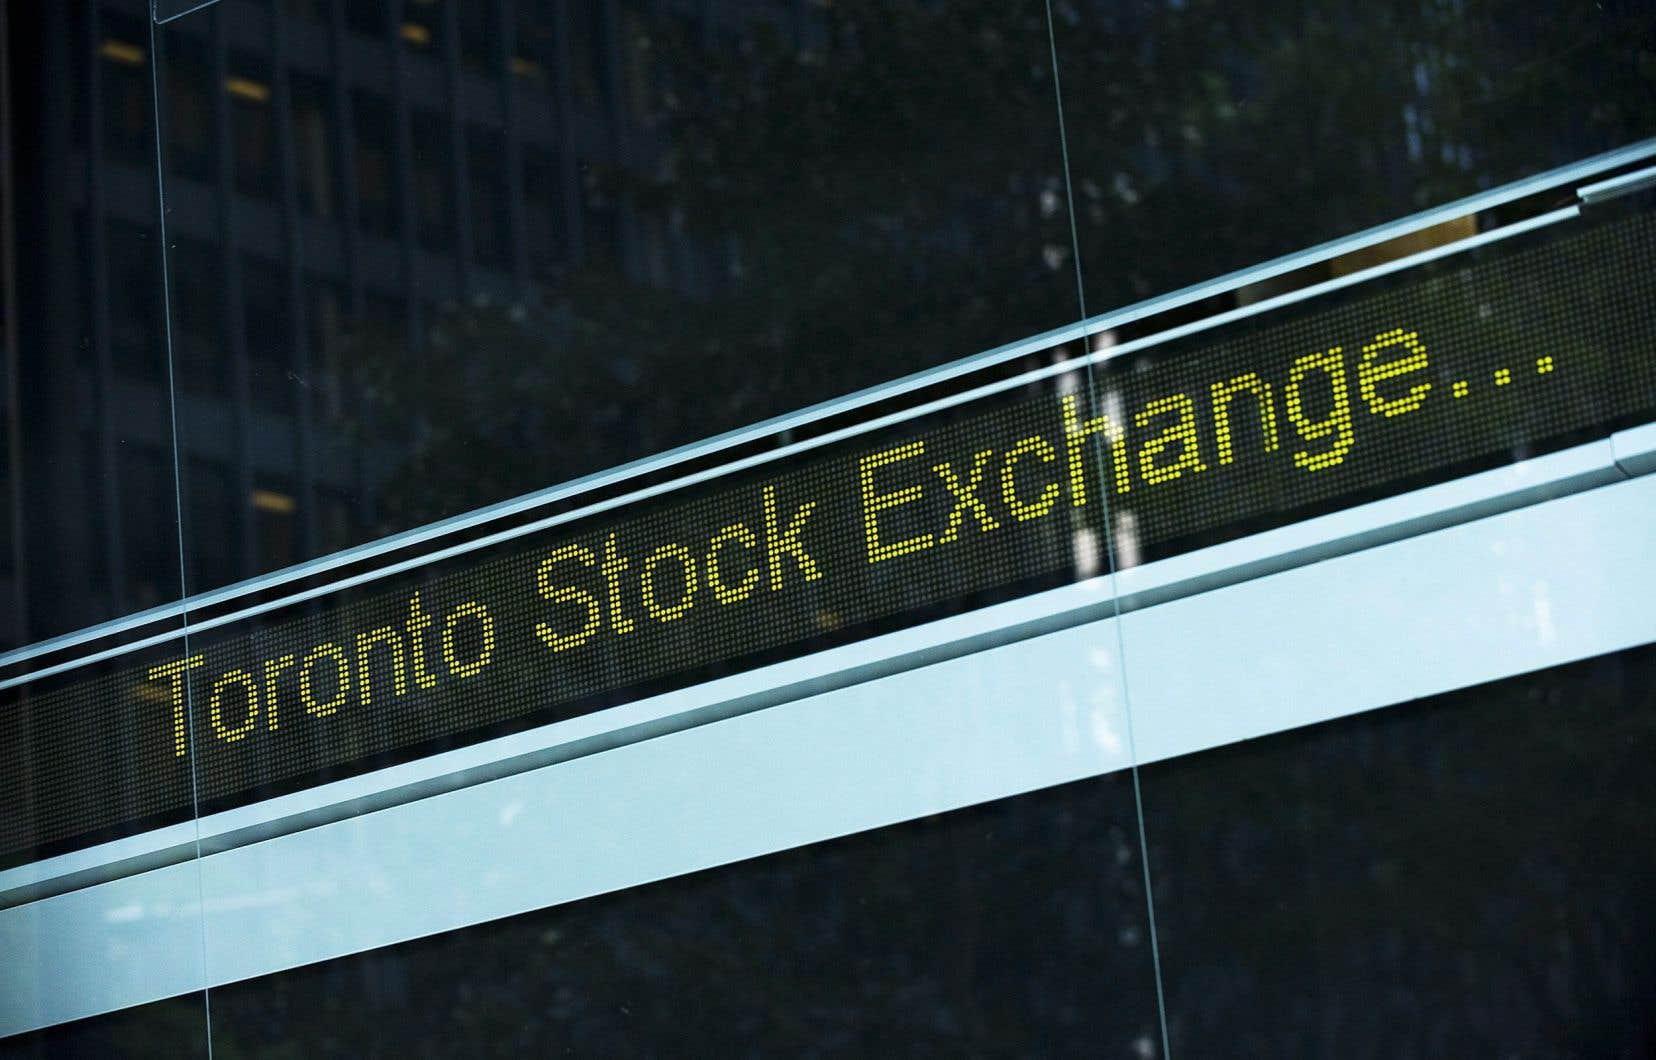 À Toronto, l'indice principal a terminé en baisse de 1,9% pour s'établir à 16717 points, la séance ayant été écourtée en raison de problèmes techniques.